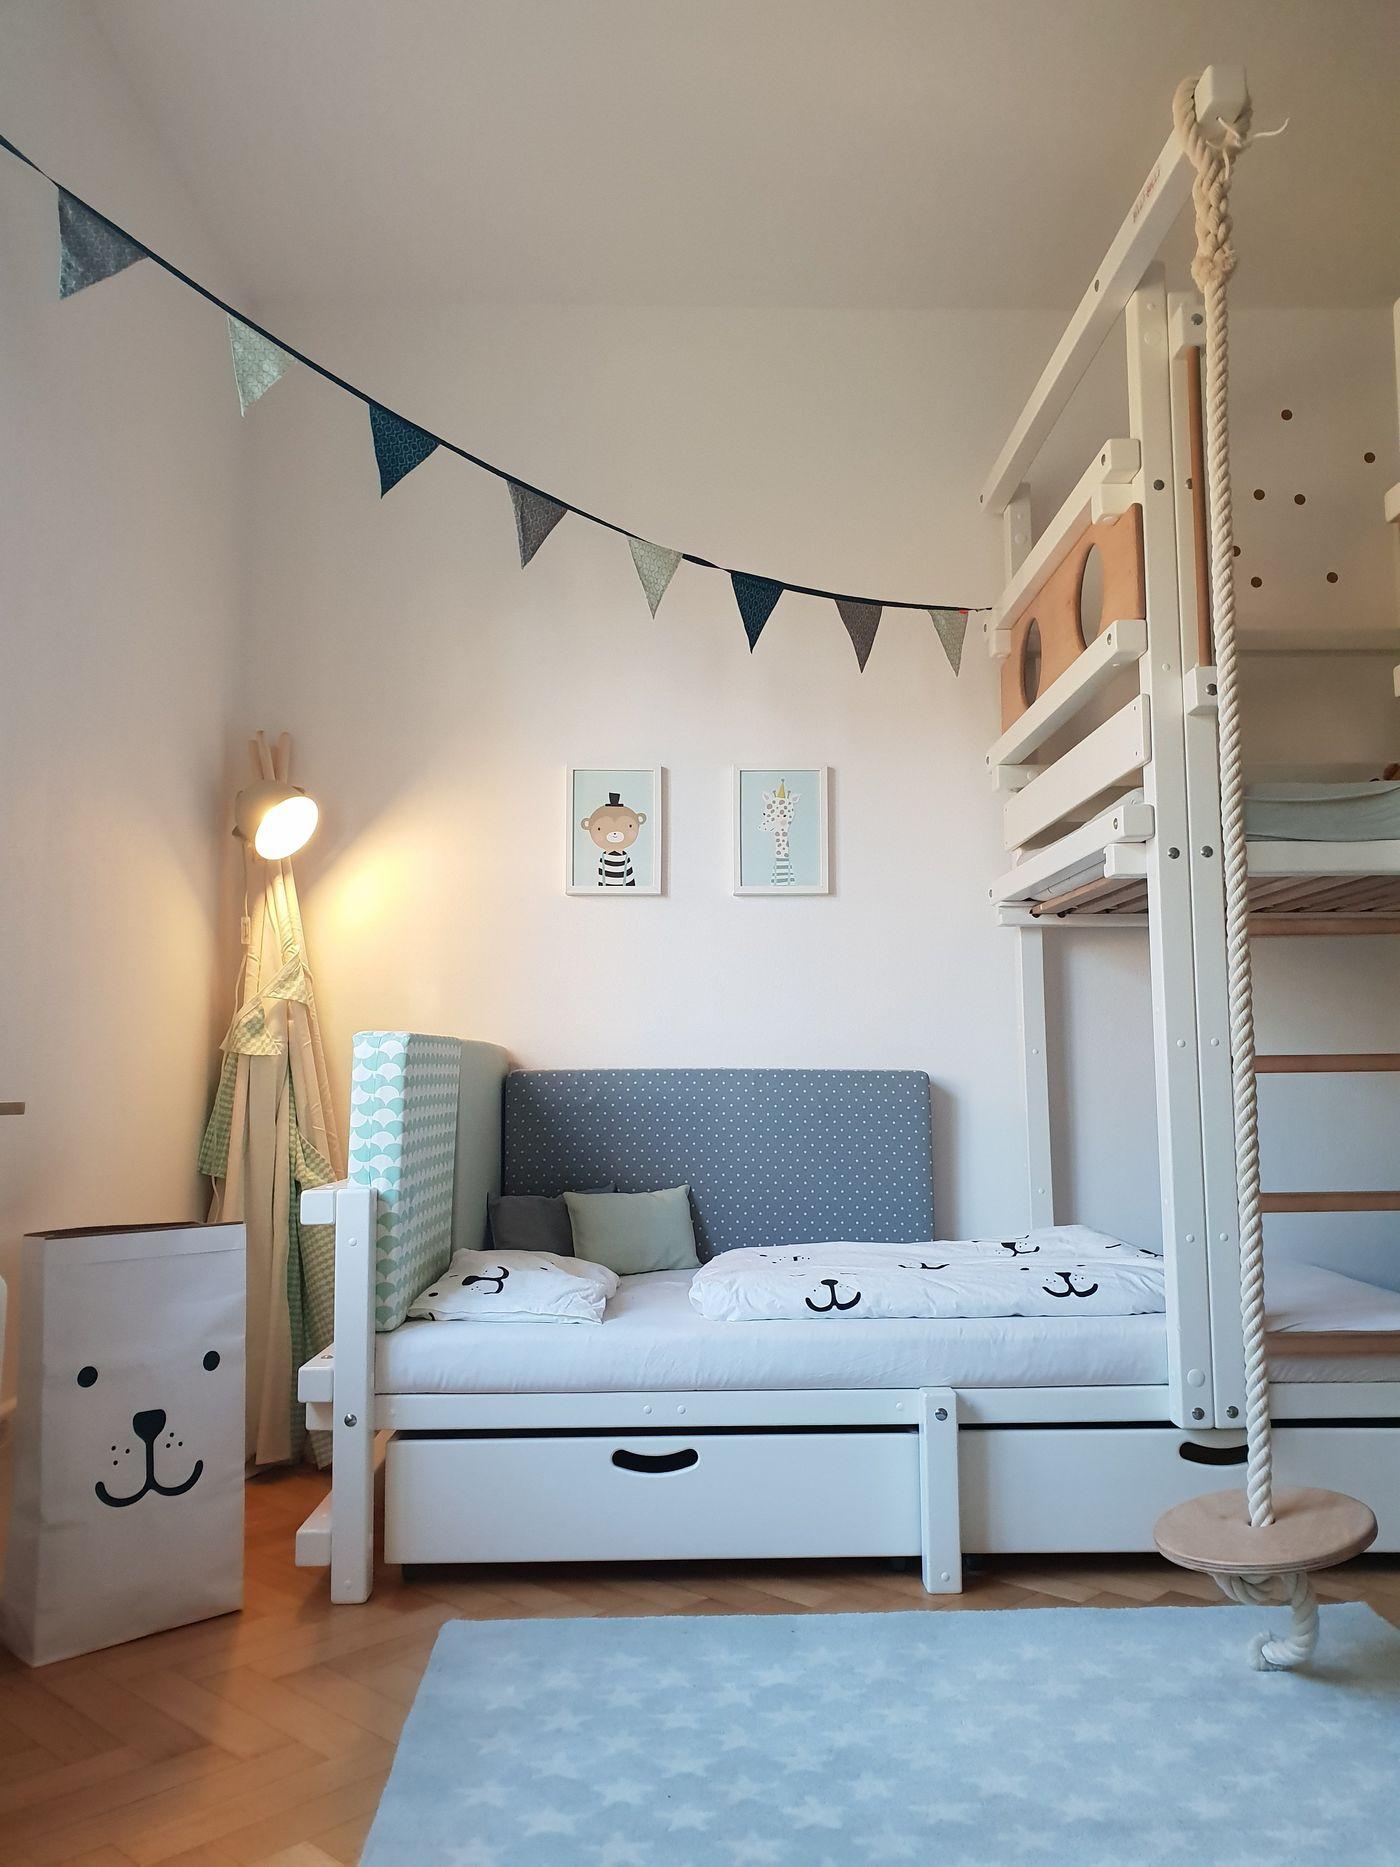 die sch nsten ideen f r dein kinderzimmer seite 19. Black Bedroom Furniture Sets. Home Design Ideas